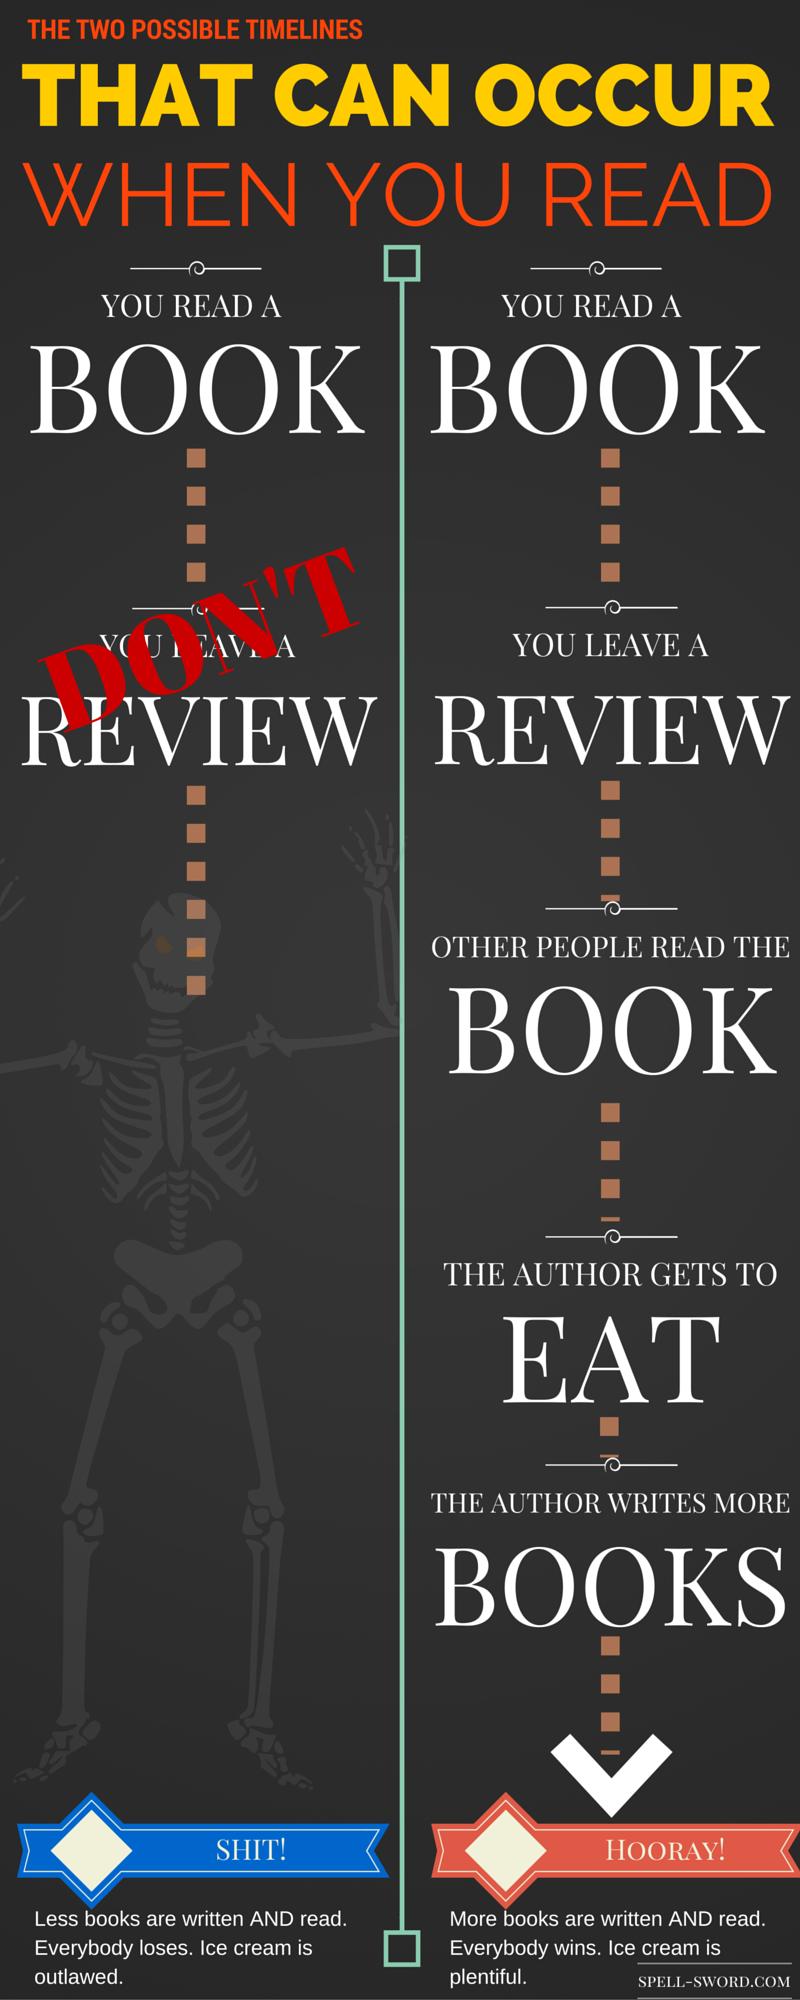 Review or Die